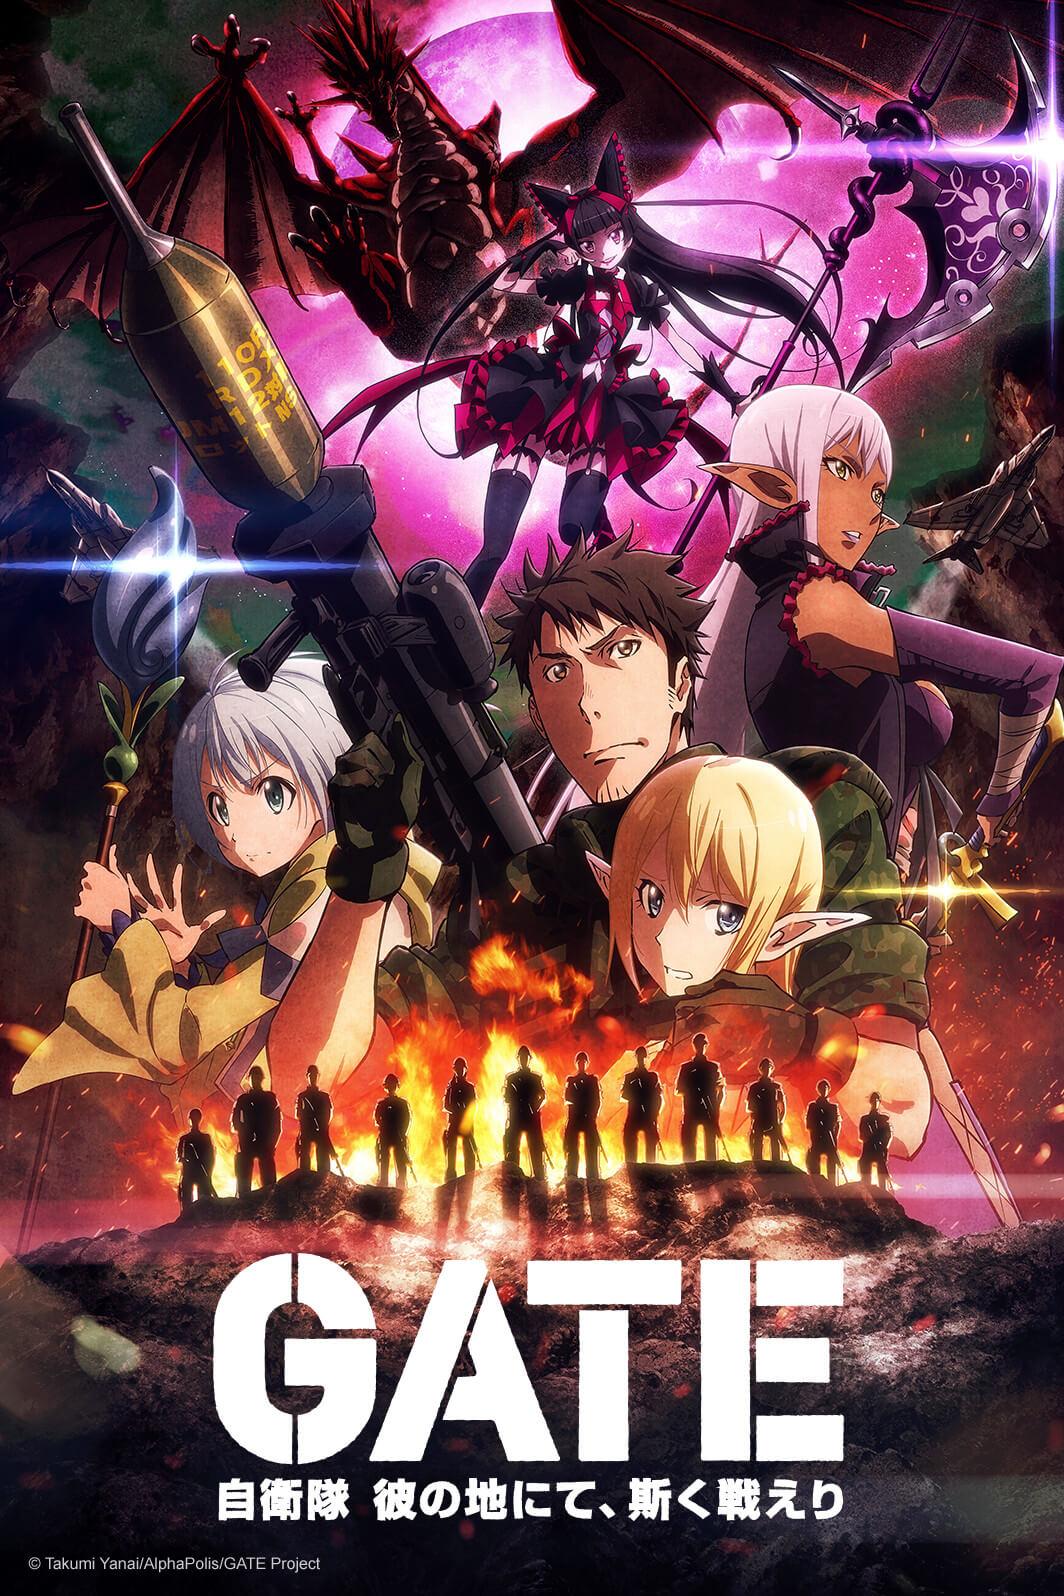 GATE - Watch on Crunchyroll